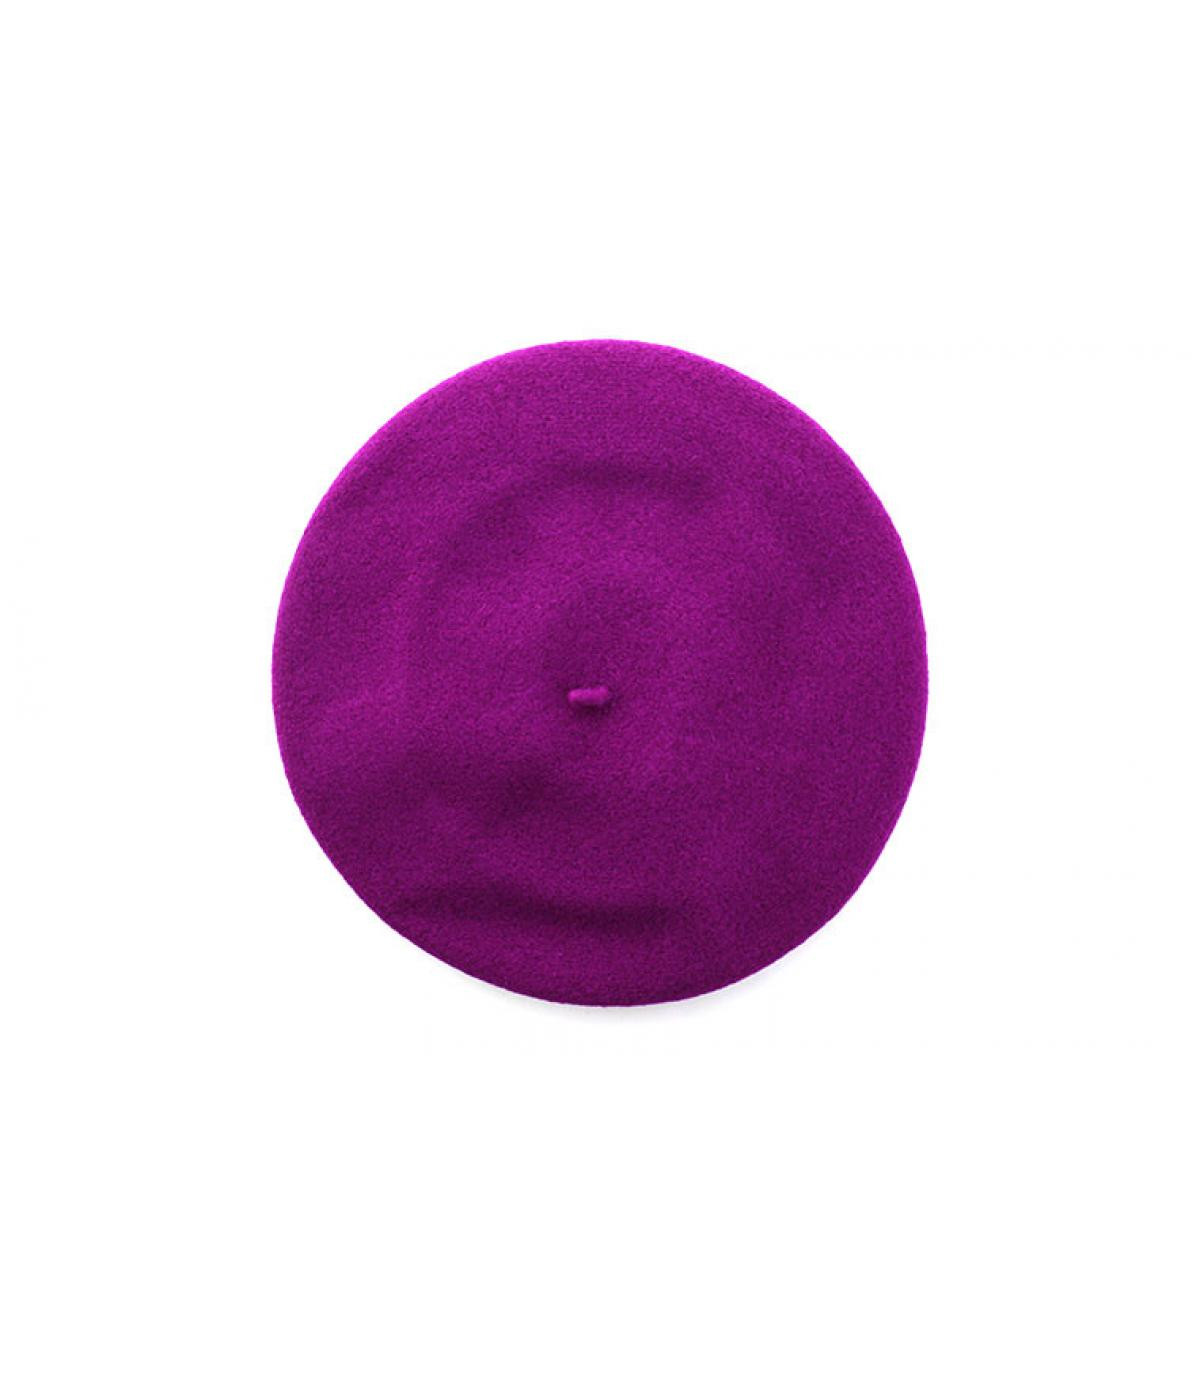 Détails Parisienne purple - image 2